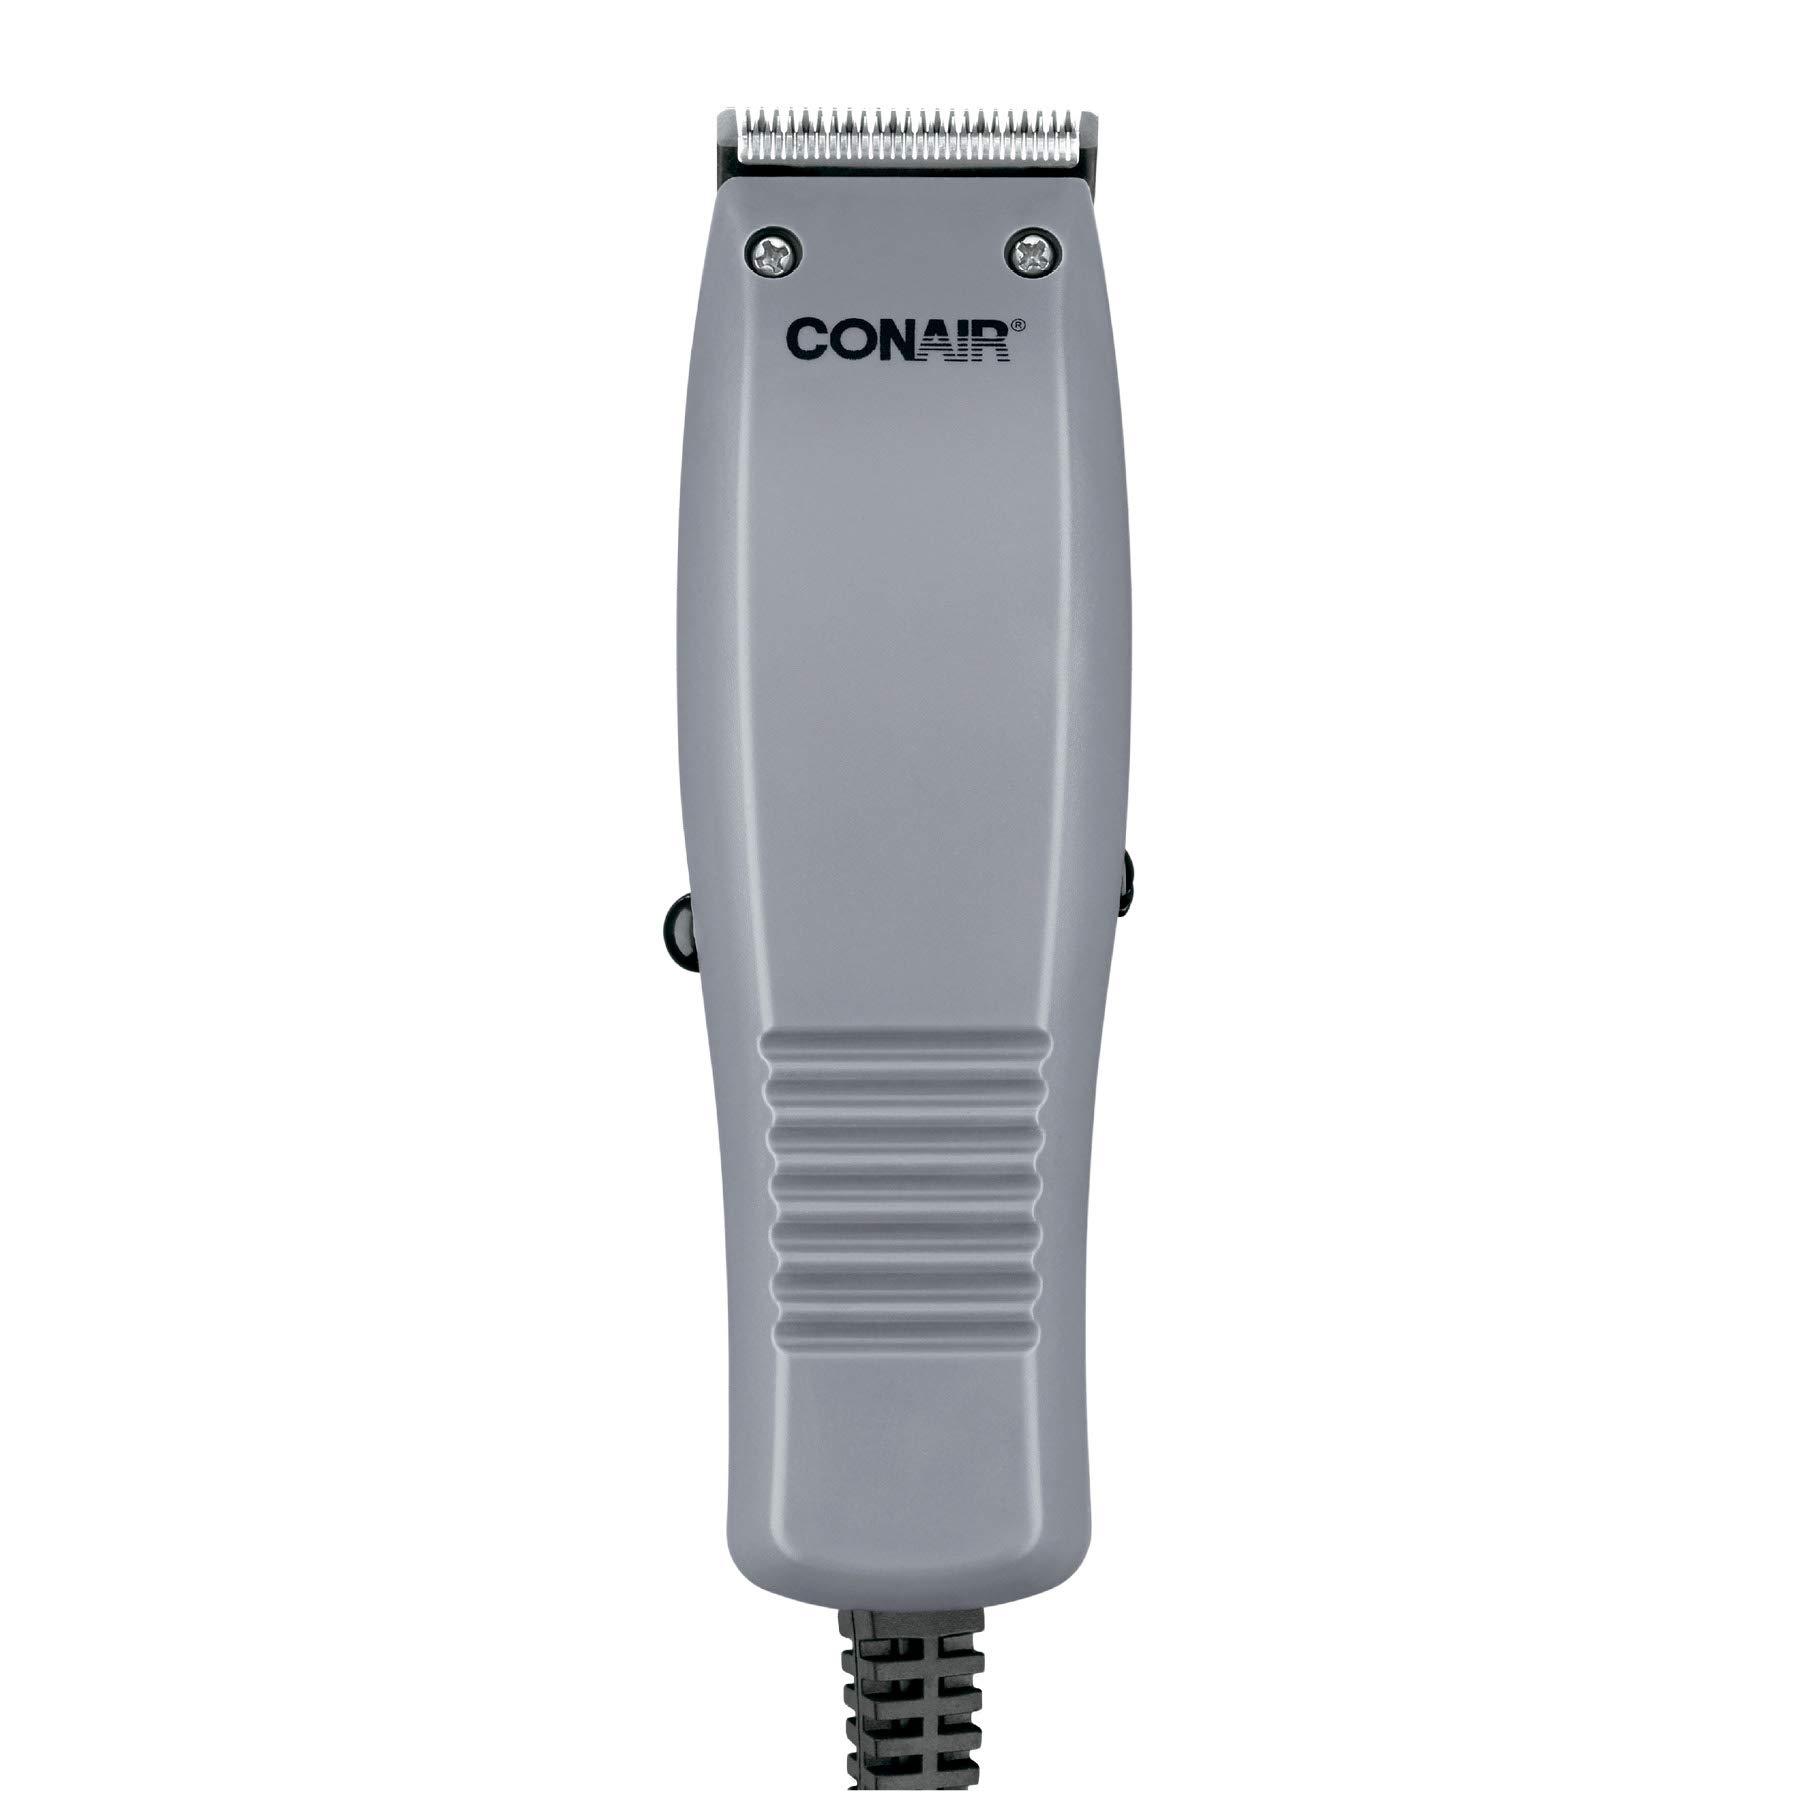 Conair 10-piece Simple Cut Haircut Kit, Home Hair Cutting Kit by Conair